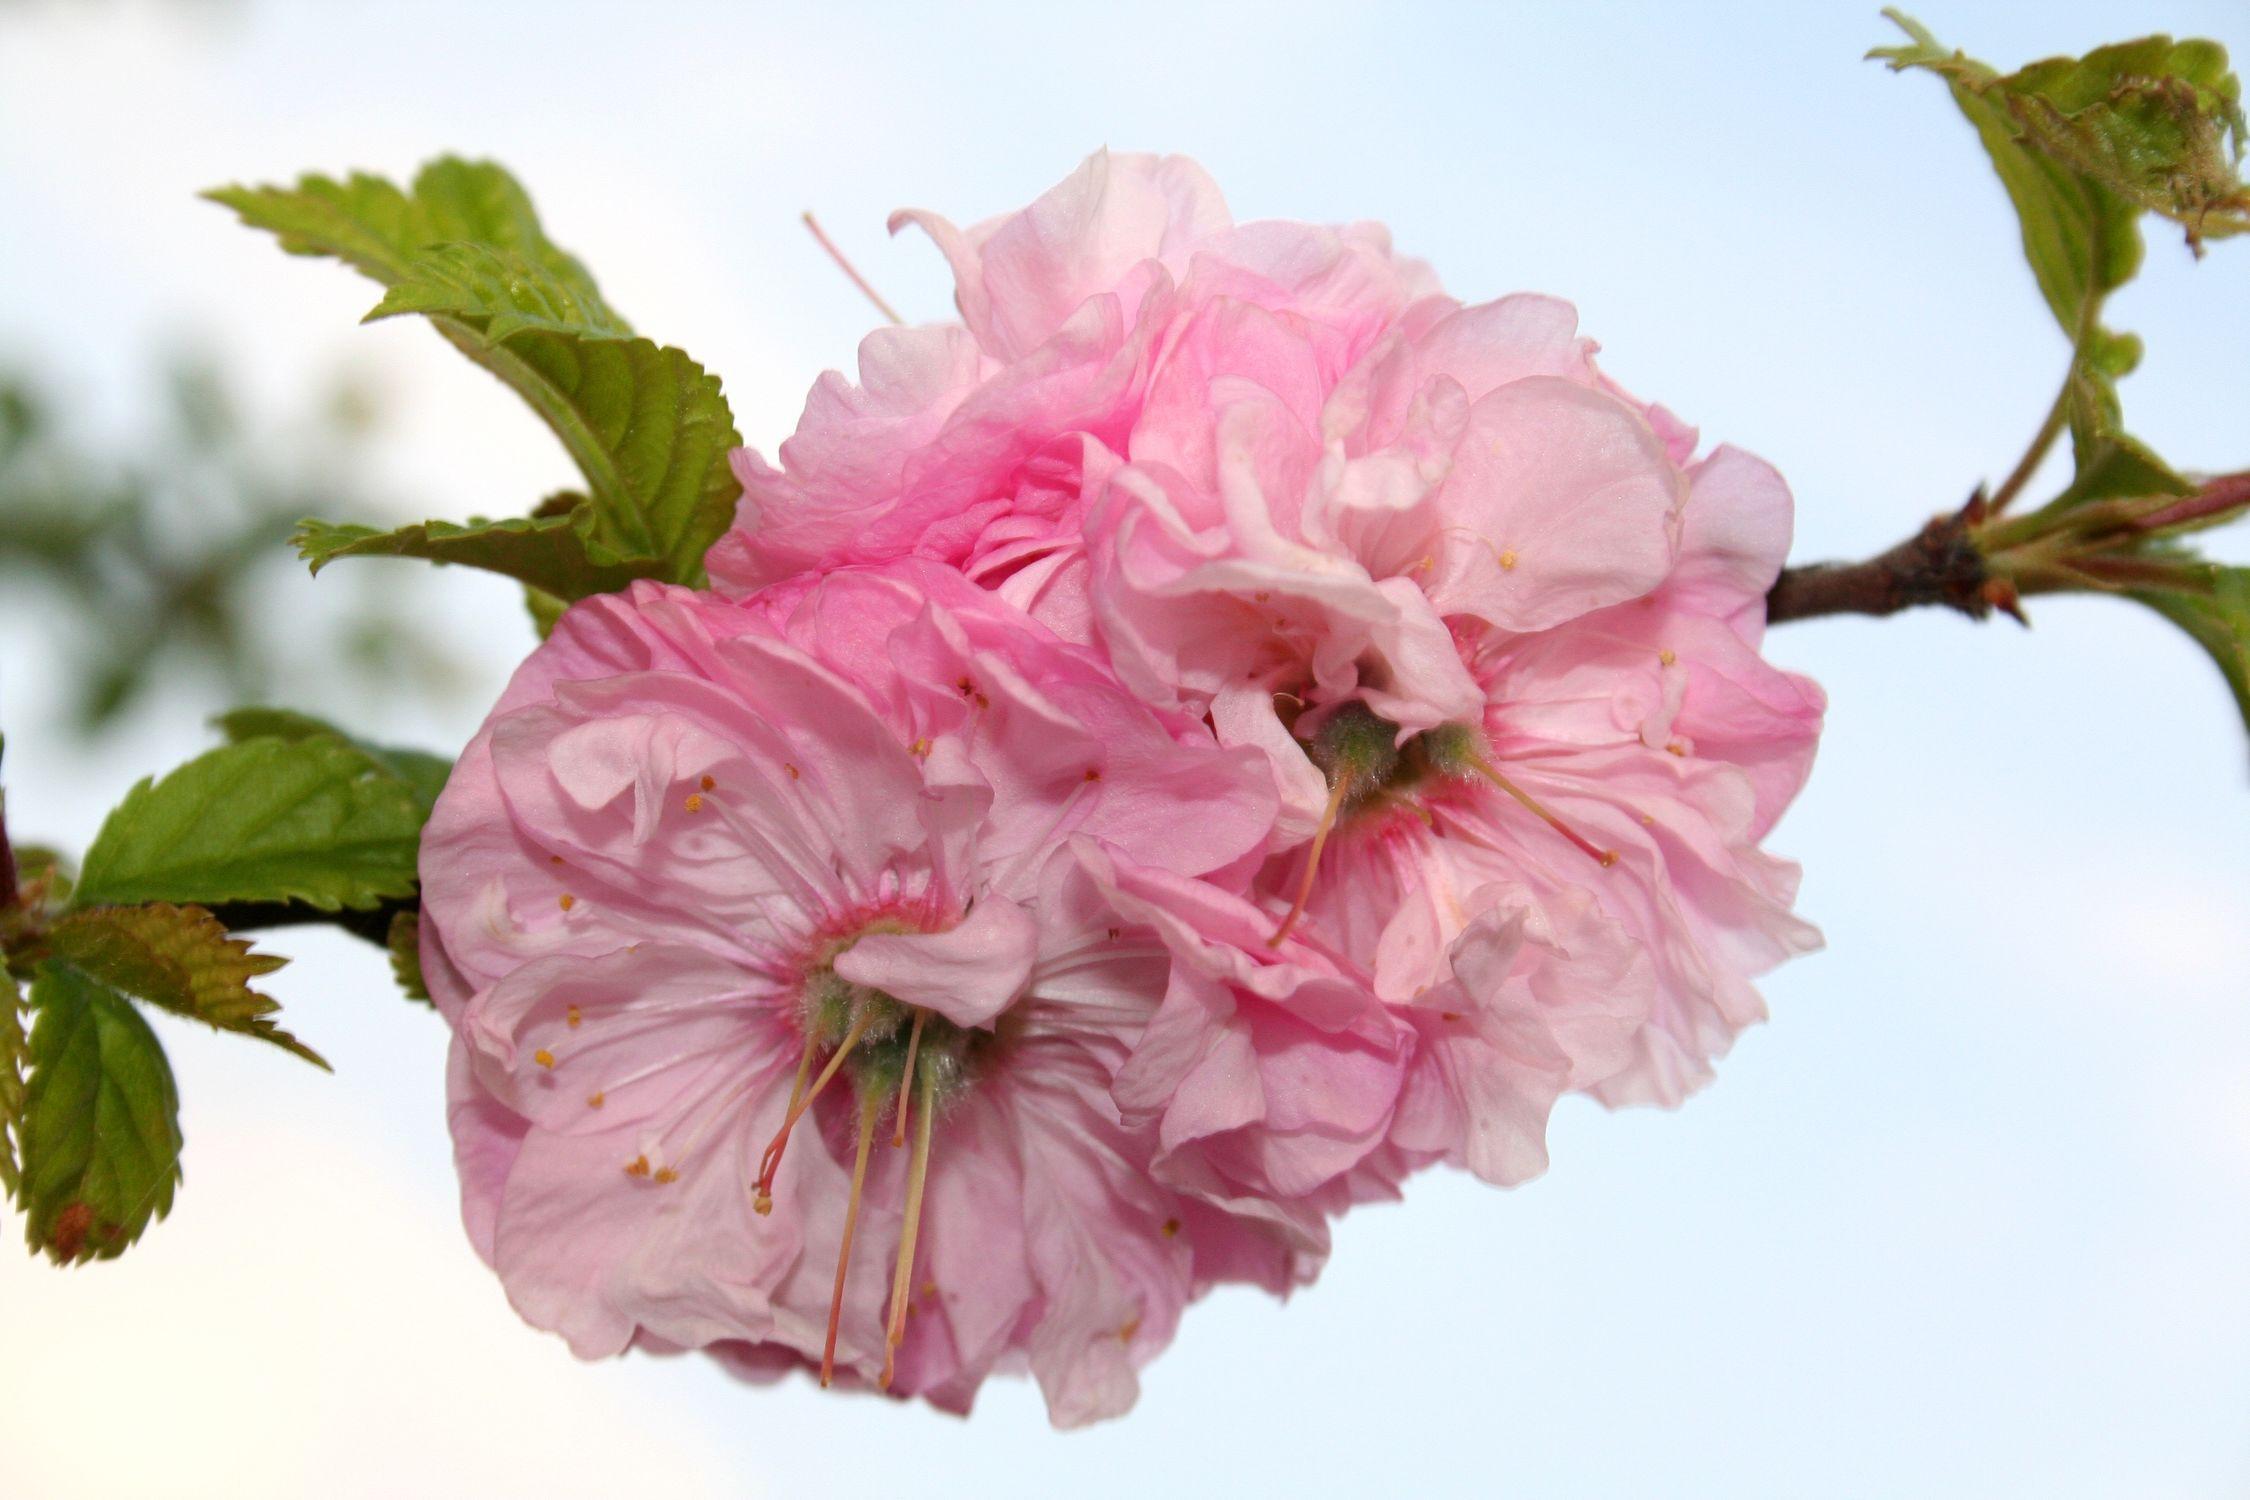 Bild mit Farben, Natur, Pflanzen, Bäume, Jahreszeiten, Blumen, Rosa, Frühling, Obstbäume, Kirschbäume, Baum, Pflanze, Mandelbaum, Mandelblüte